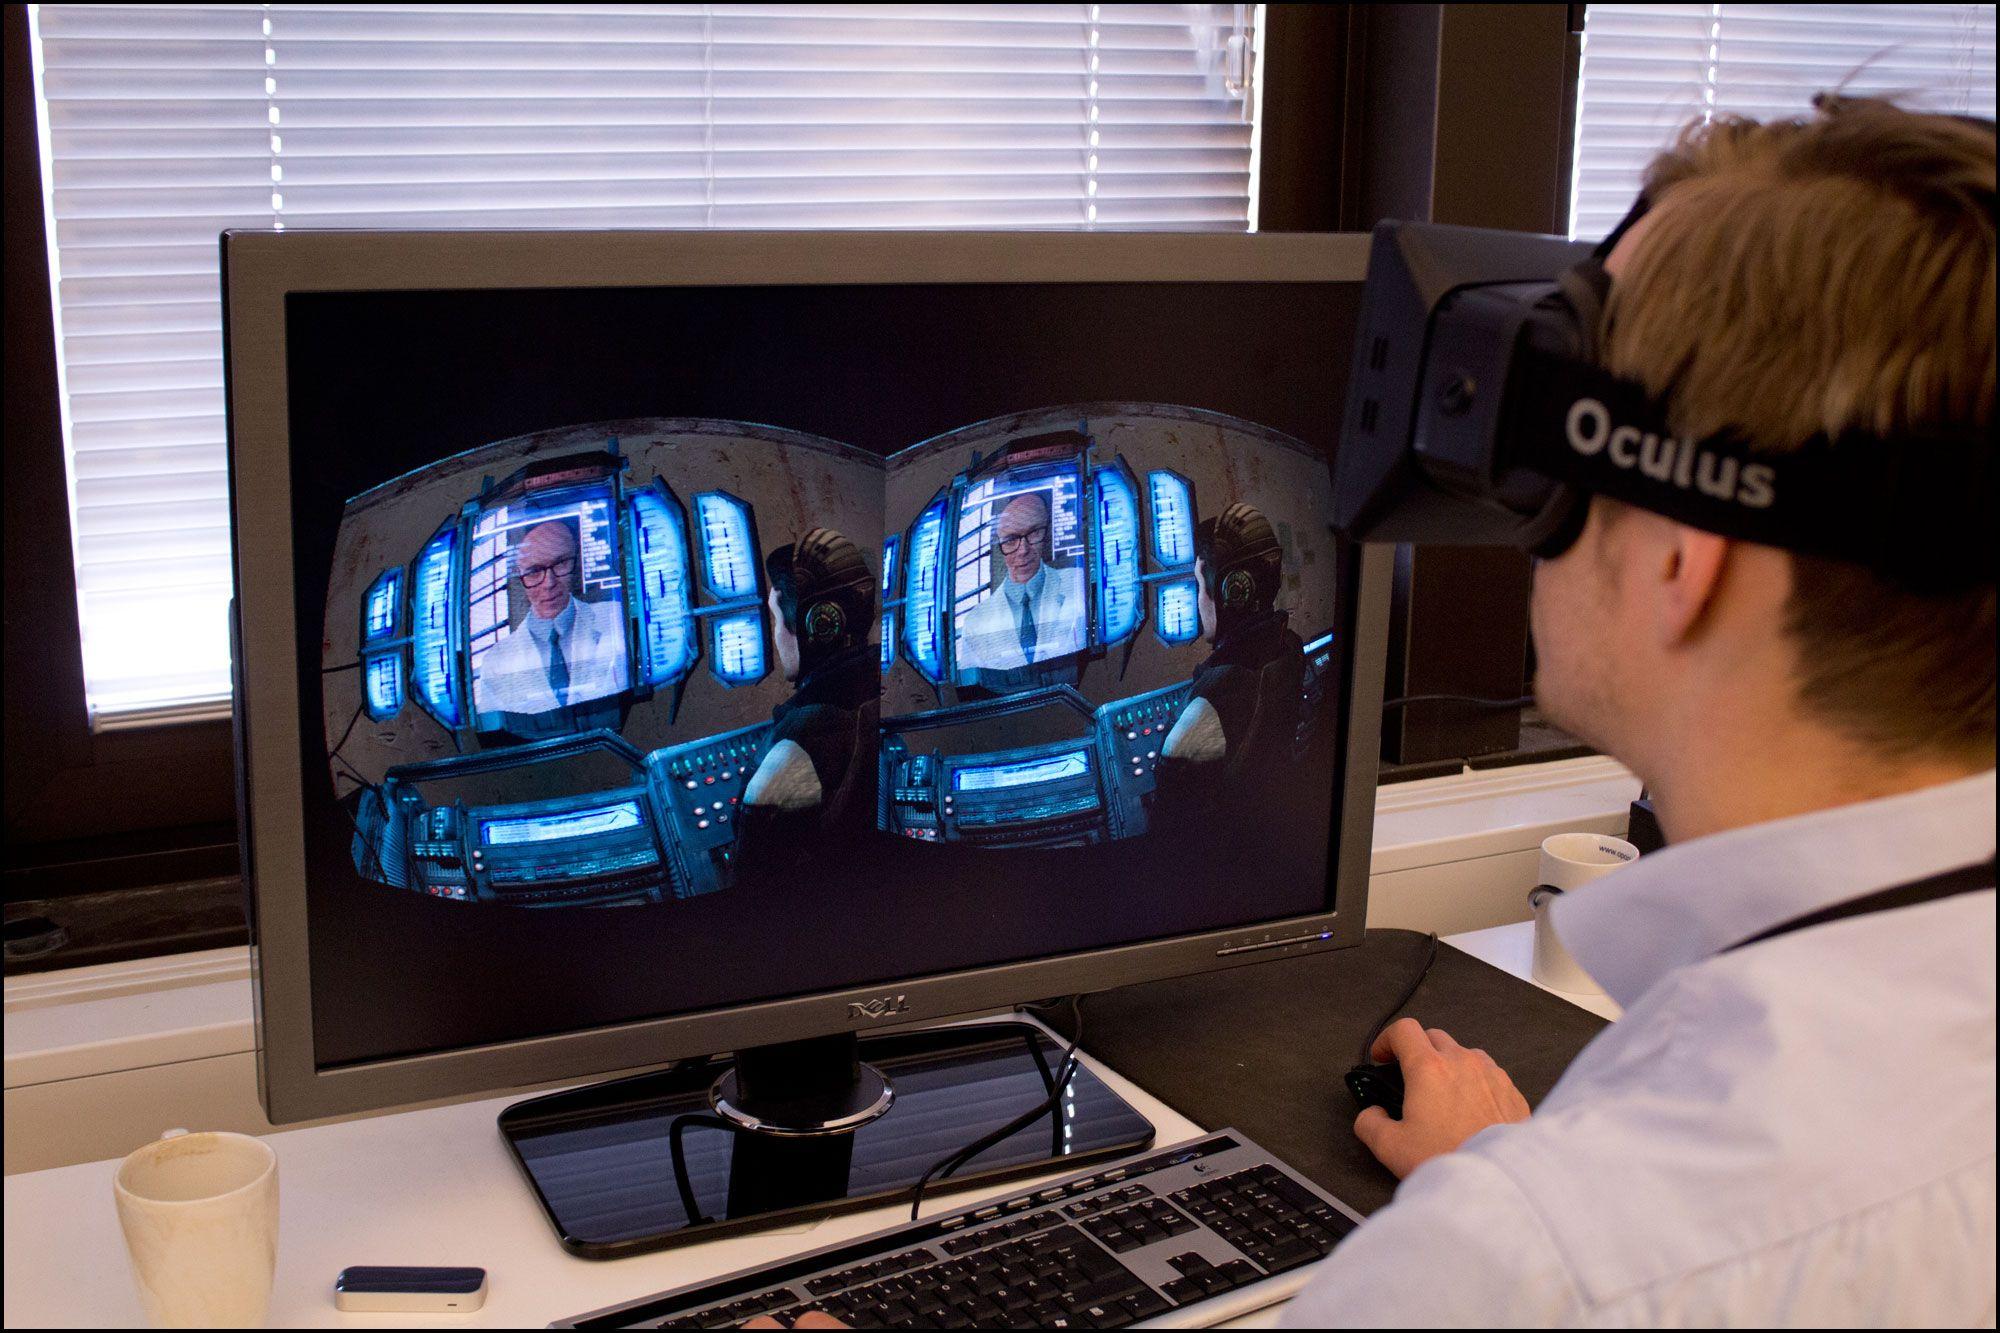 Det gikk relativt kjapt å venne seg til mus- og tastaturstyring selv i Half-Life 2, som ikke er tilpasset Oculus Rift.Foto: Jørgen Elton Nilsen, Hardware.no